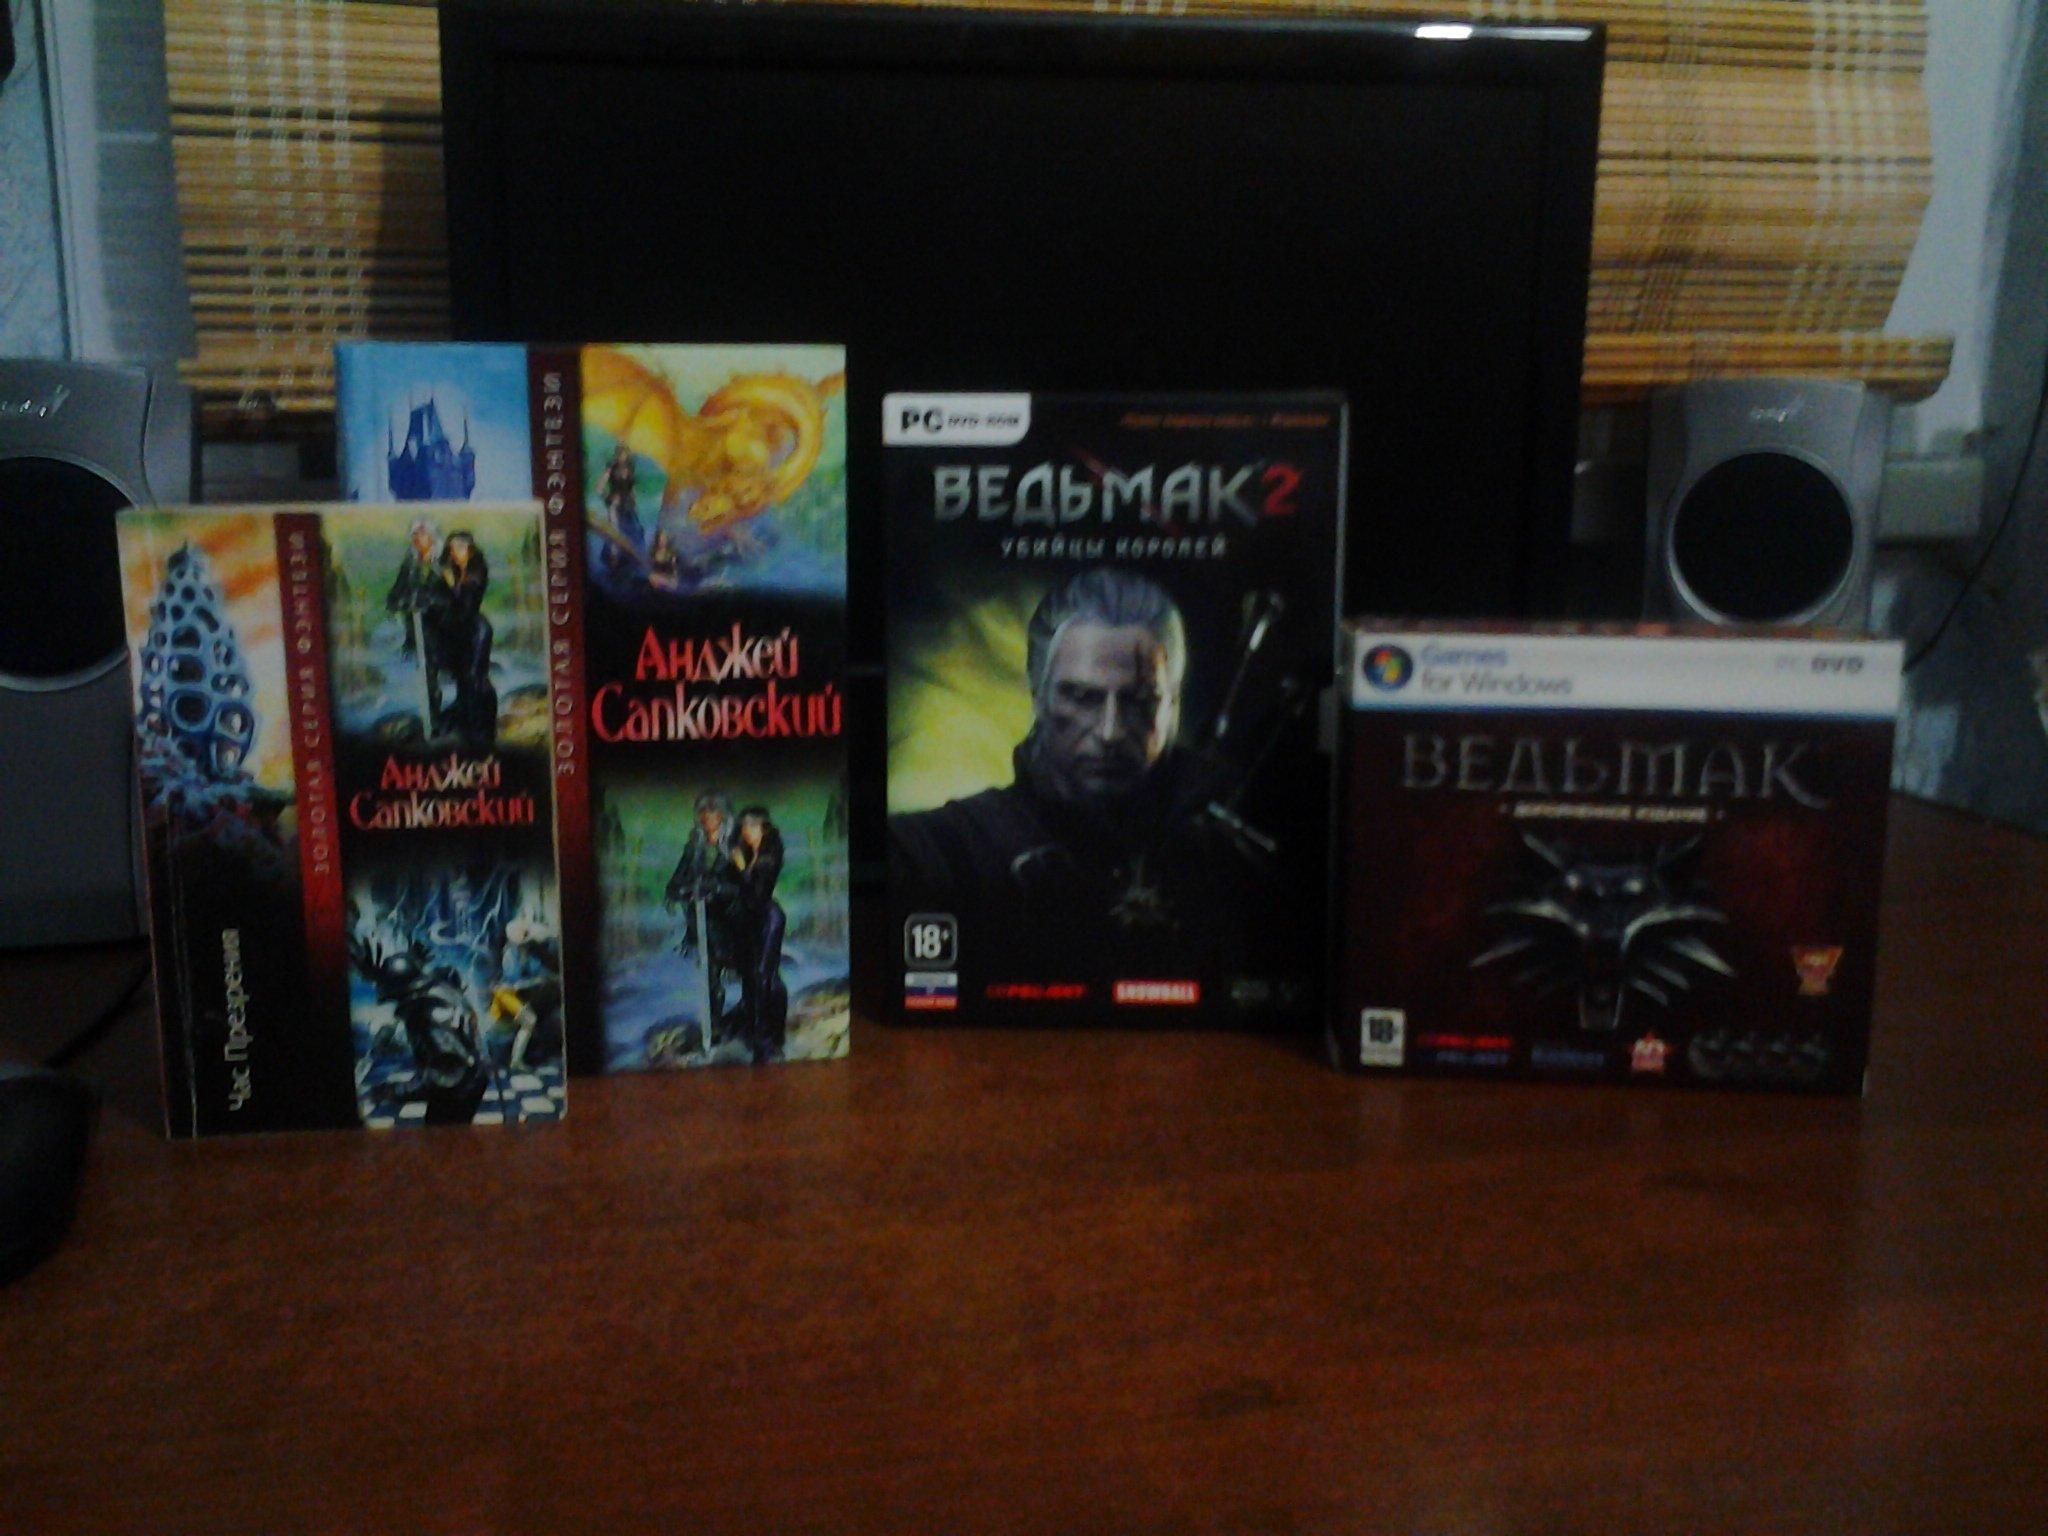 В феврале 2008 с другом мы зашли в магазин игровых дисков, я долго не мог решить, что мне взять, и мой друг посовето ... - Изображение 1